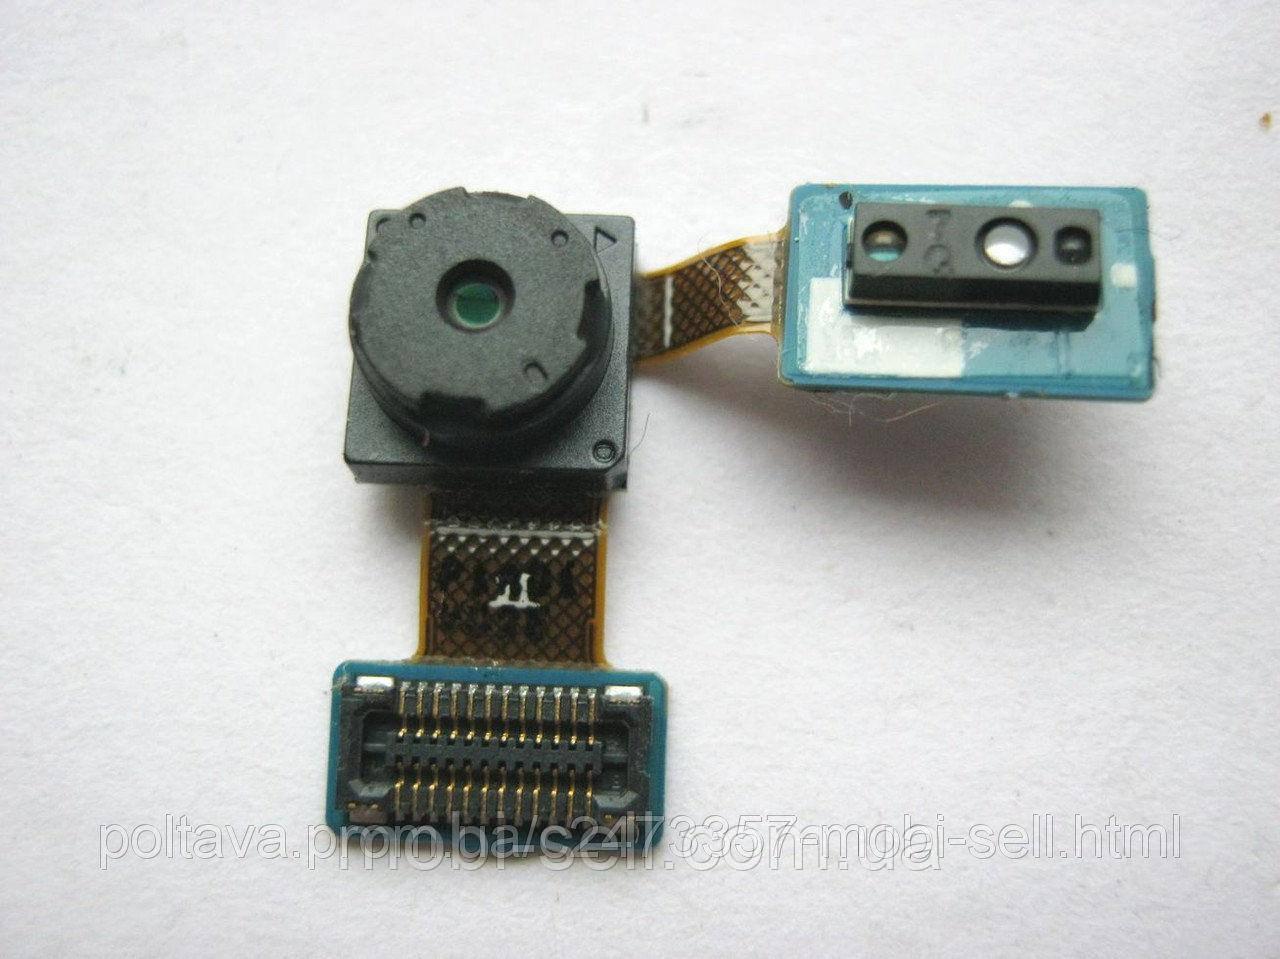 Samsung T989 камера фронтальная с датчиками света, прближения